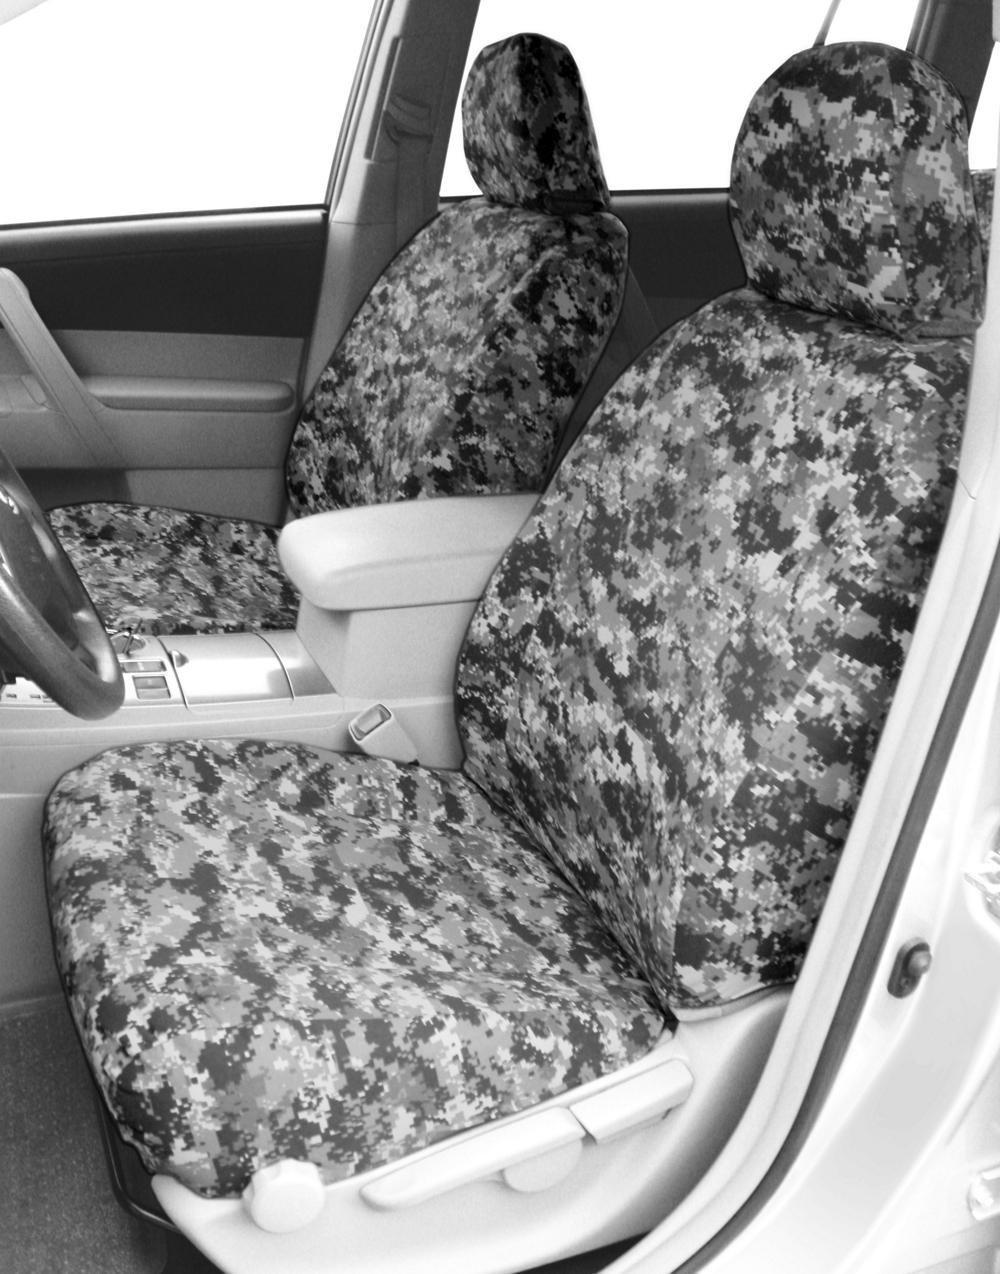 caltrendフロントバケットカスタムフィットシートのカバーシボレー/ GMCモデル – Camouflage ( Urban ) B0137WVM7W  - -